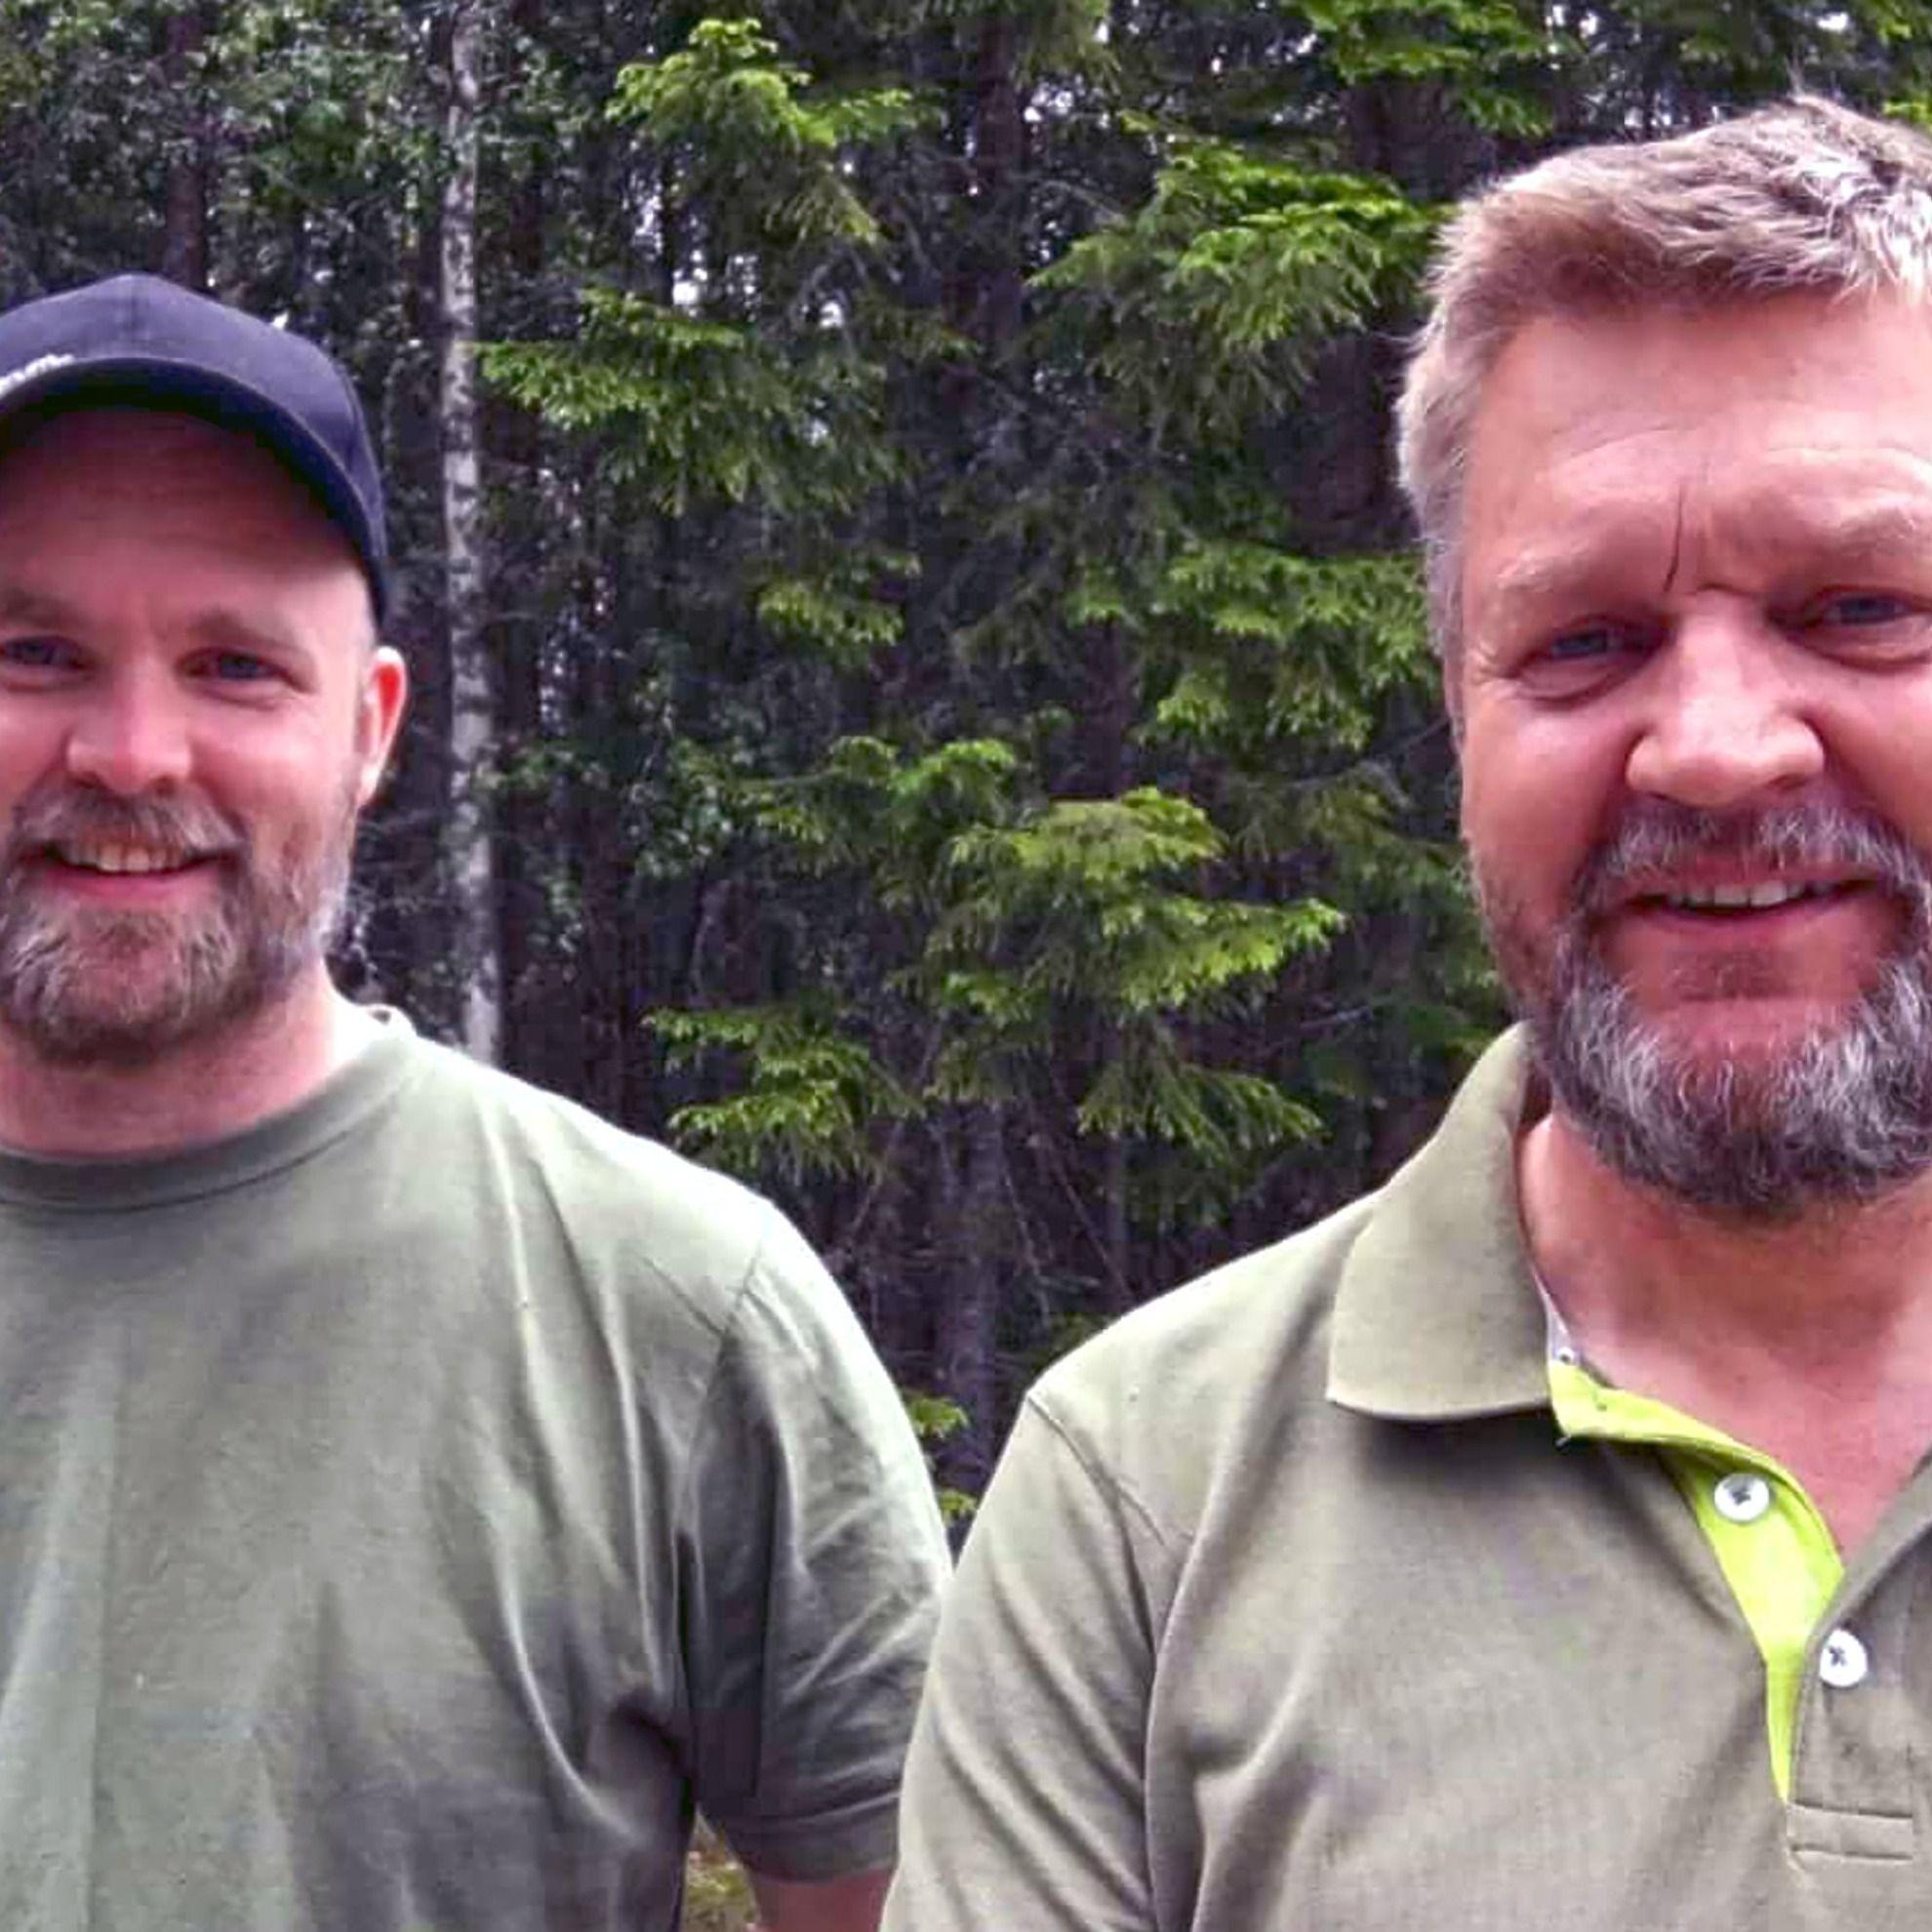 Skogsfredag Avsnitt 74 - Alarm om klimatkris och lågt virkespris